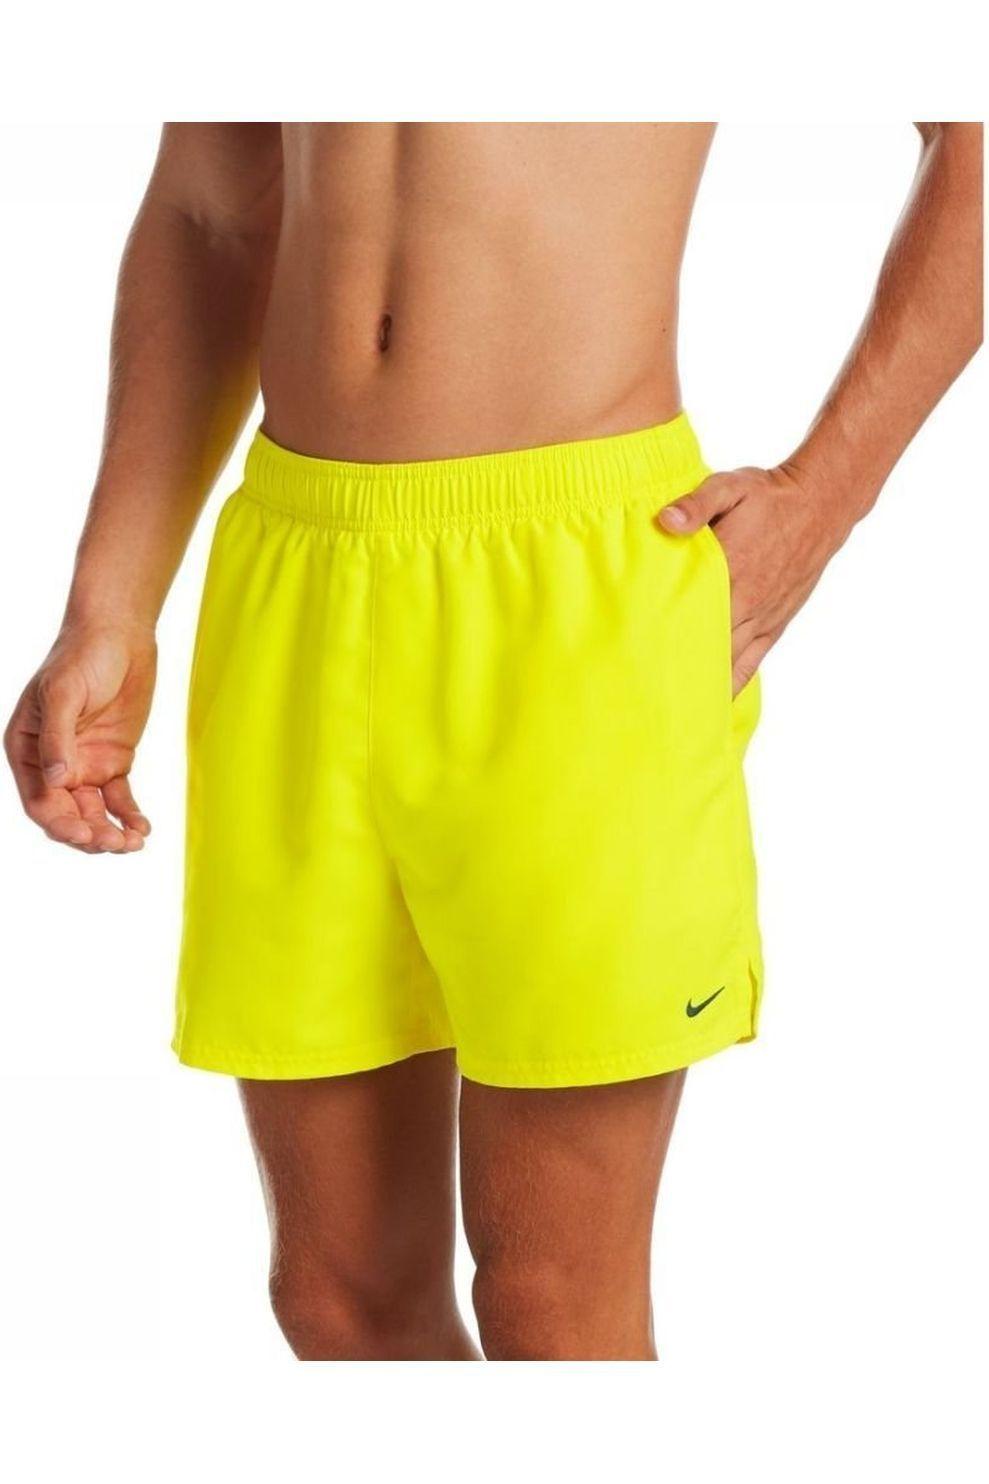 Nike Zwemshort 5Volley Short voor heren - Geel - Maten: L, XL